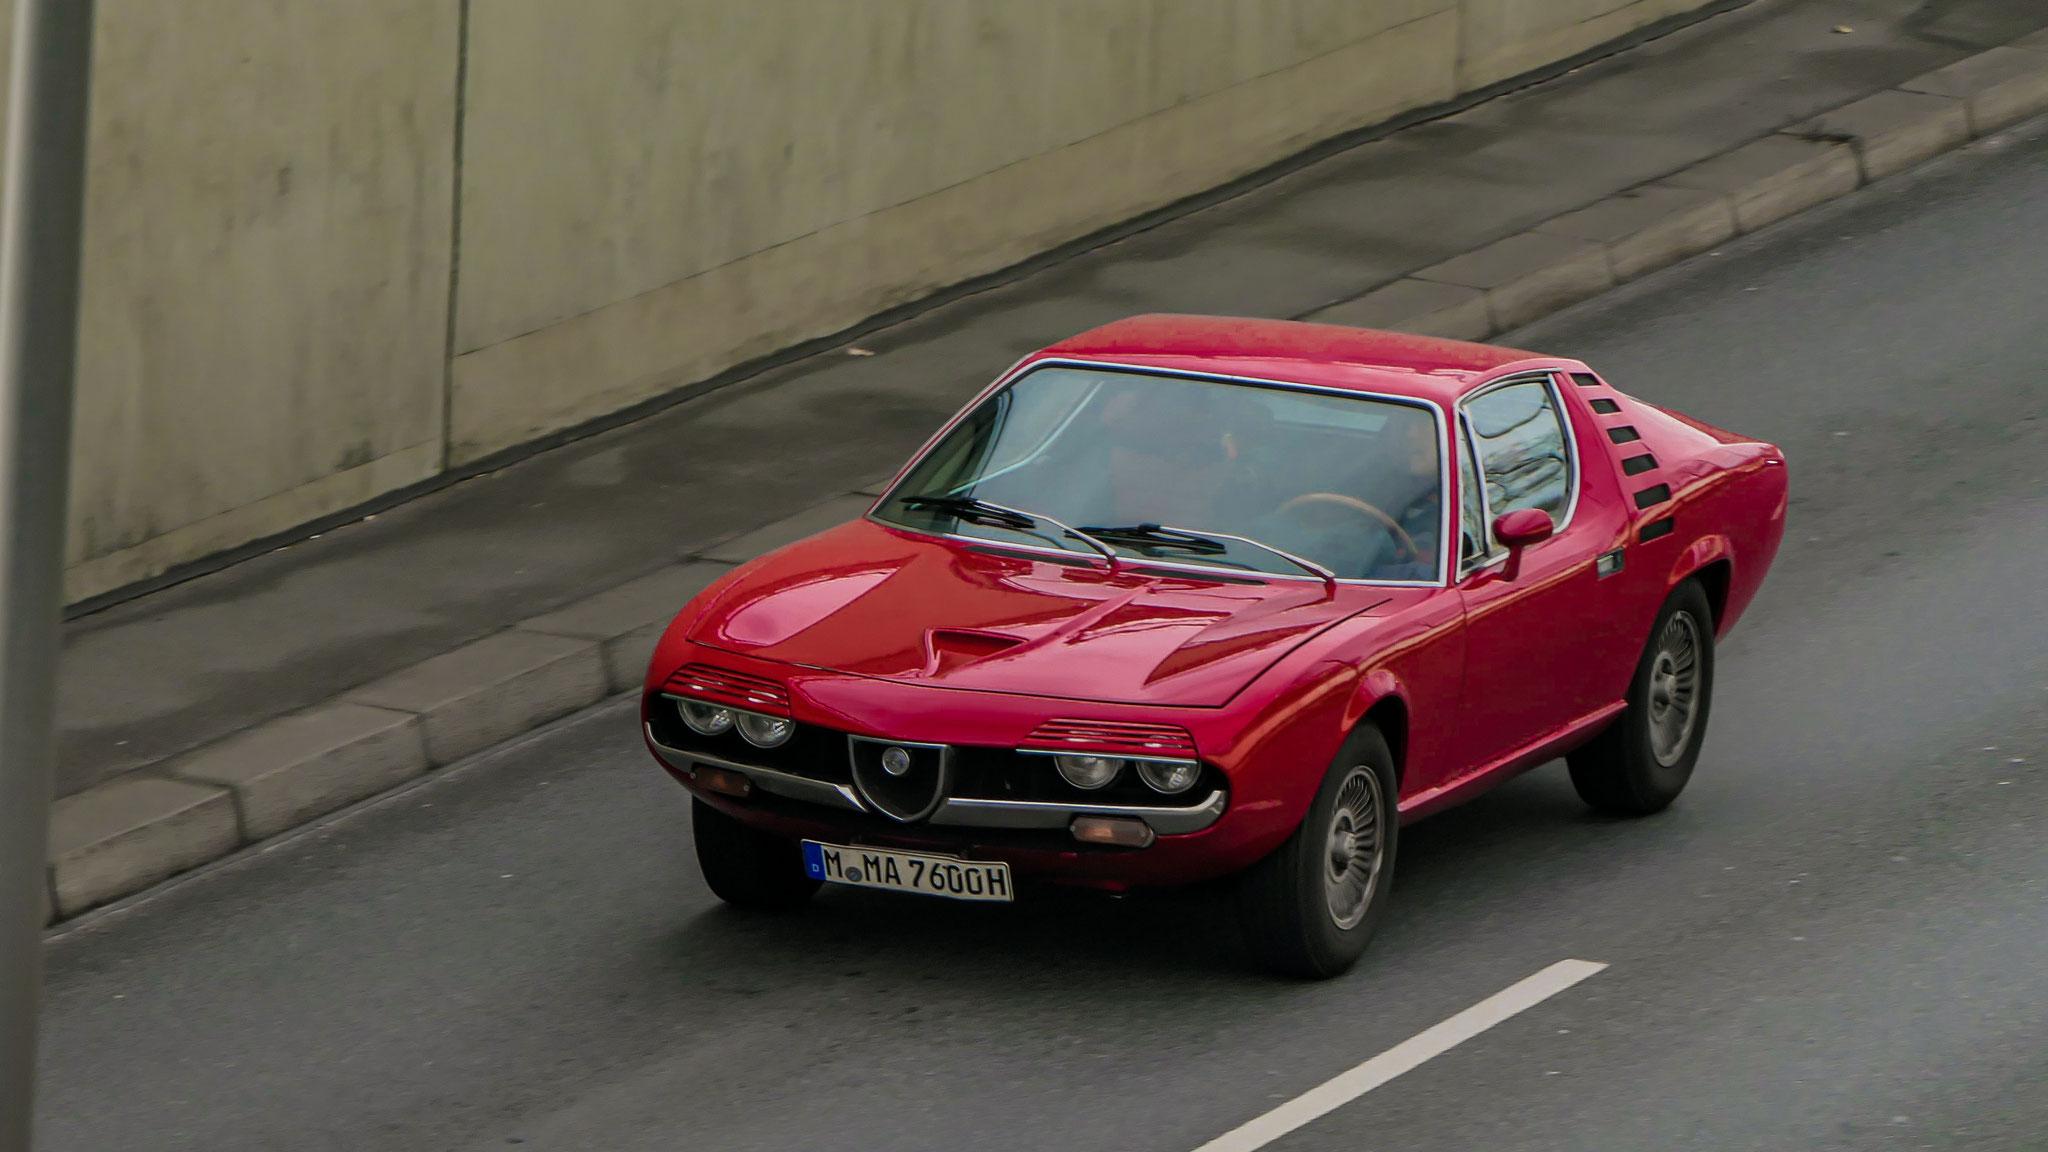 Alfa Romeo Montreal Bertone - M-MA-7600H